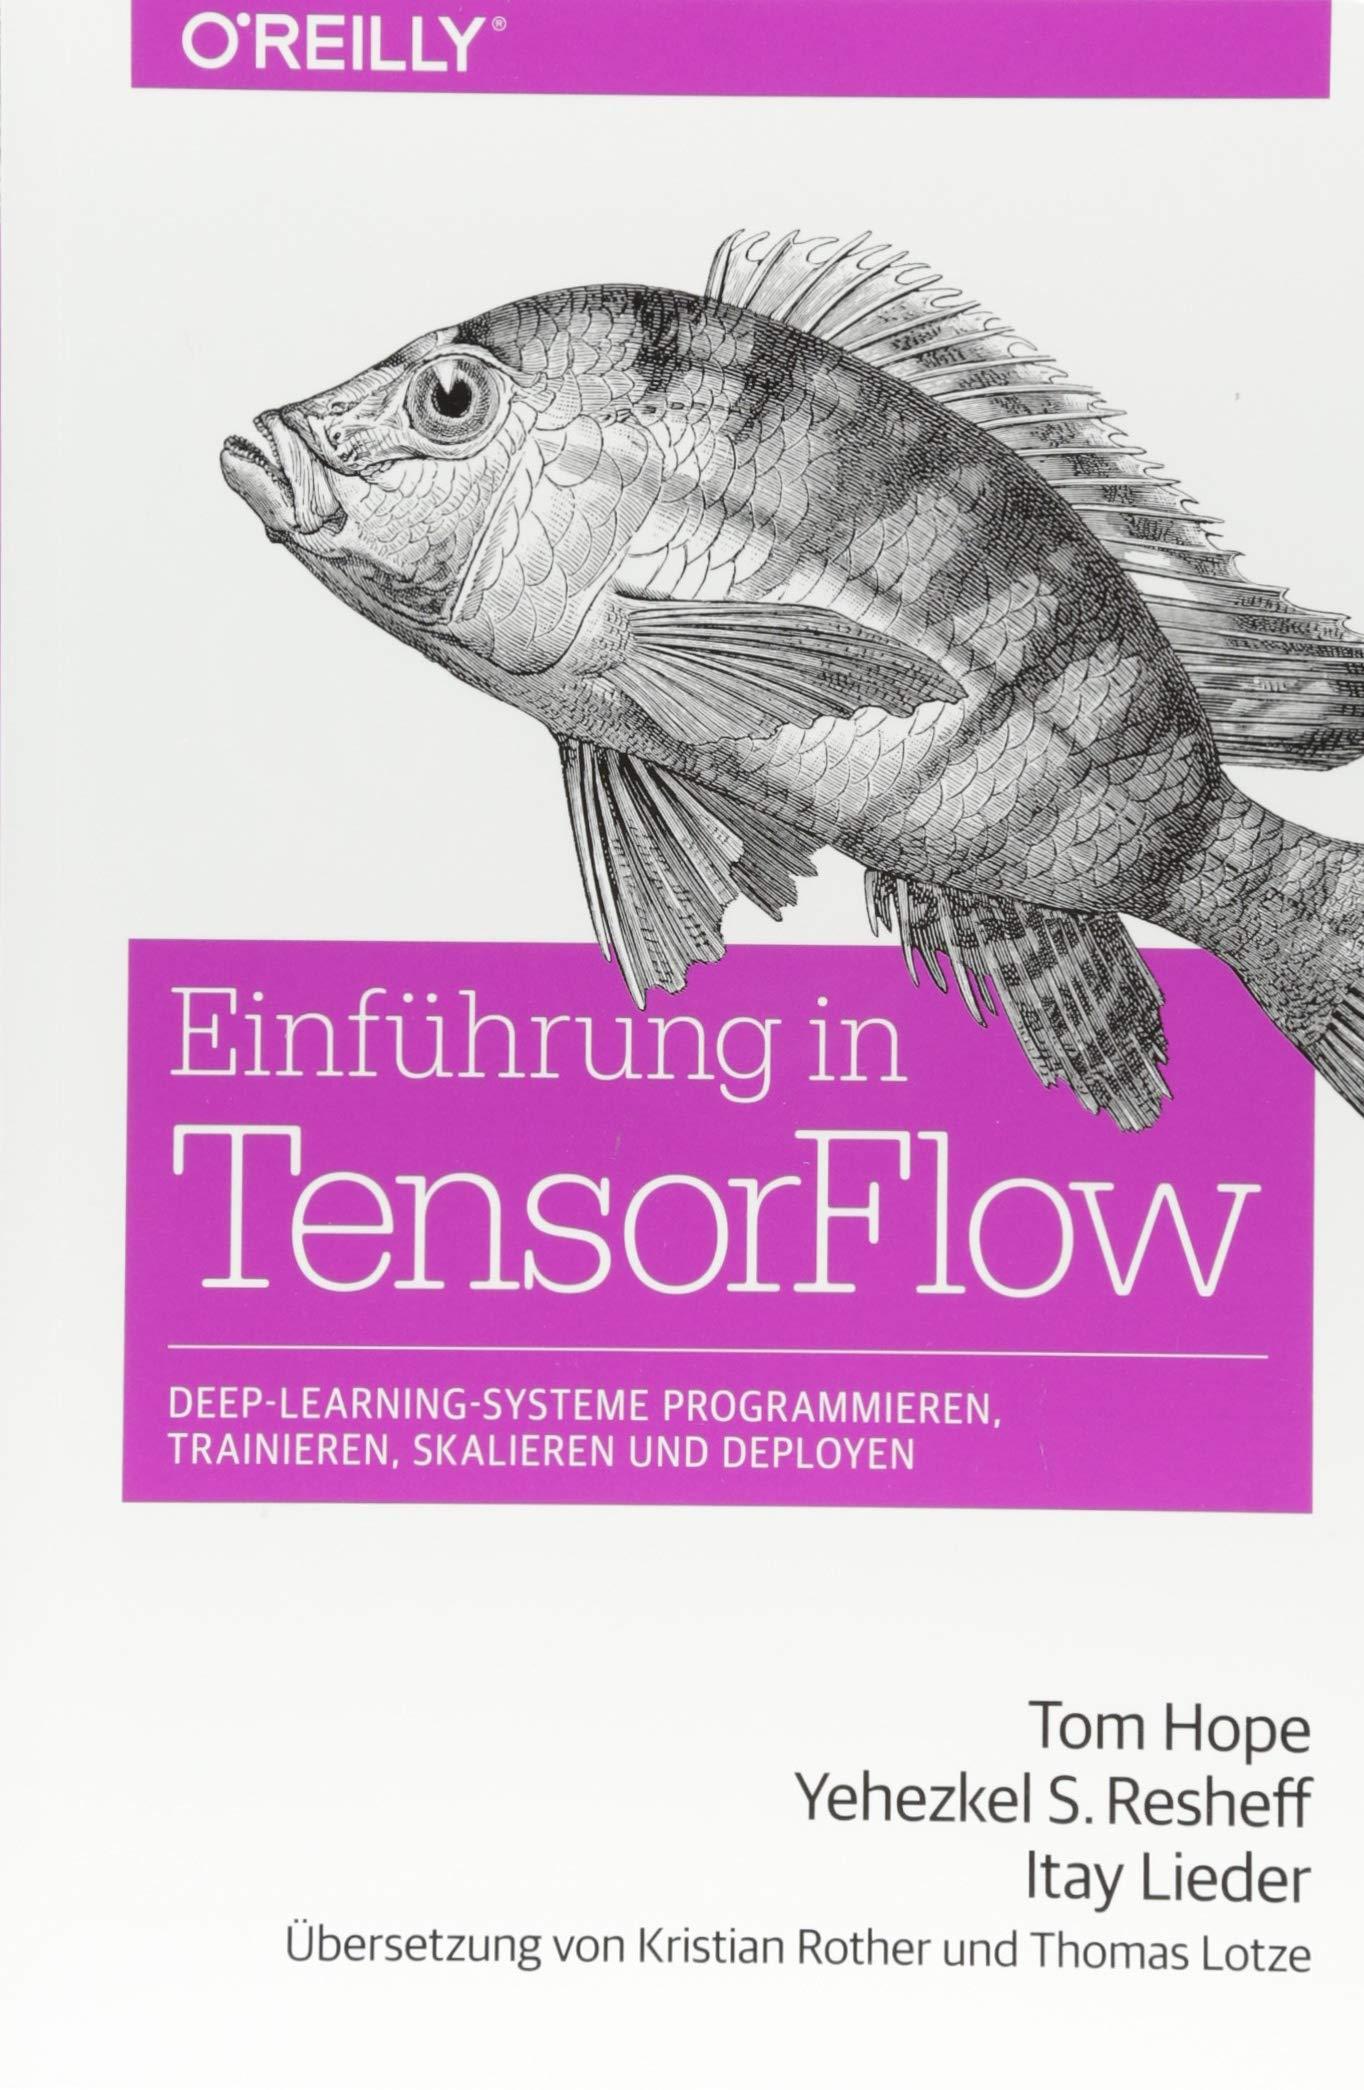 Einführung in TensorFlow: Deep-Learning-Systeme programmieren, trainieren, skalieren und deployen Taschenbuch – 22. Mai 2018 Tom Hope Yehezkel S. Resheff Itay Lieder Kristian Rother